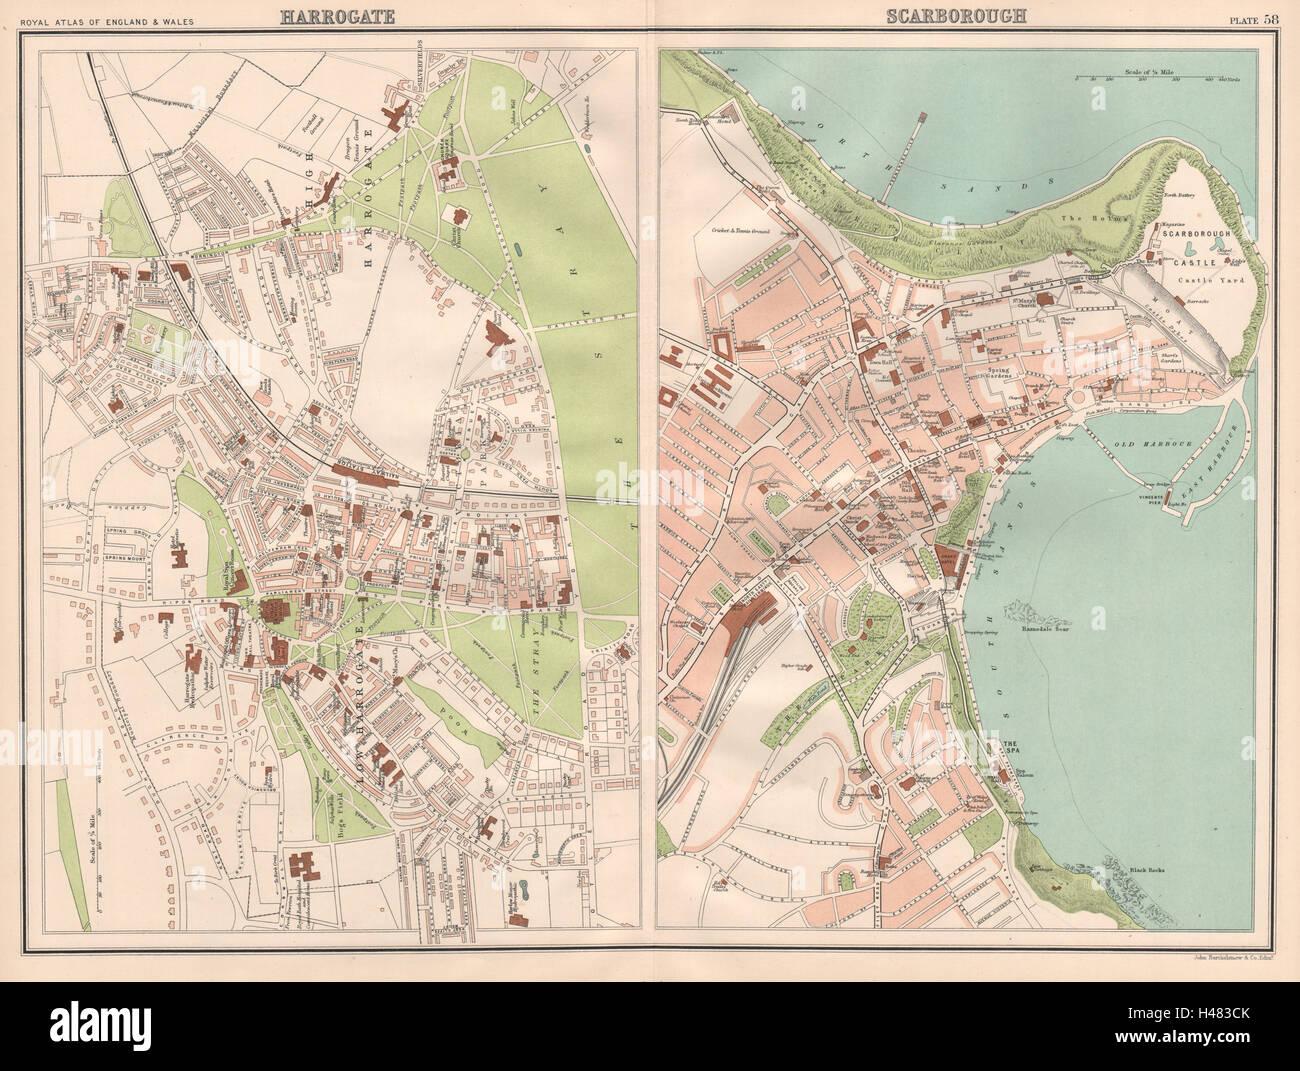 Harrogate England Map.Harrogate Scarborough Antique Town City Plans Bartholomew 1898